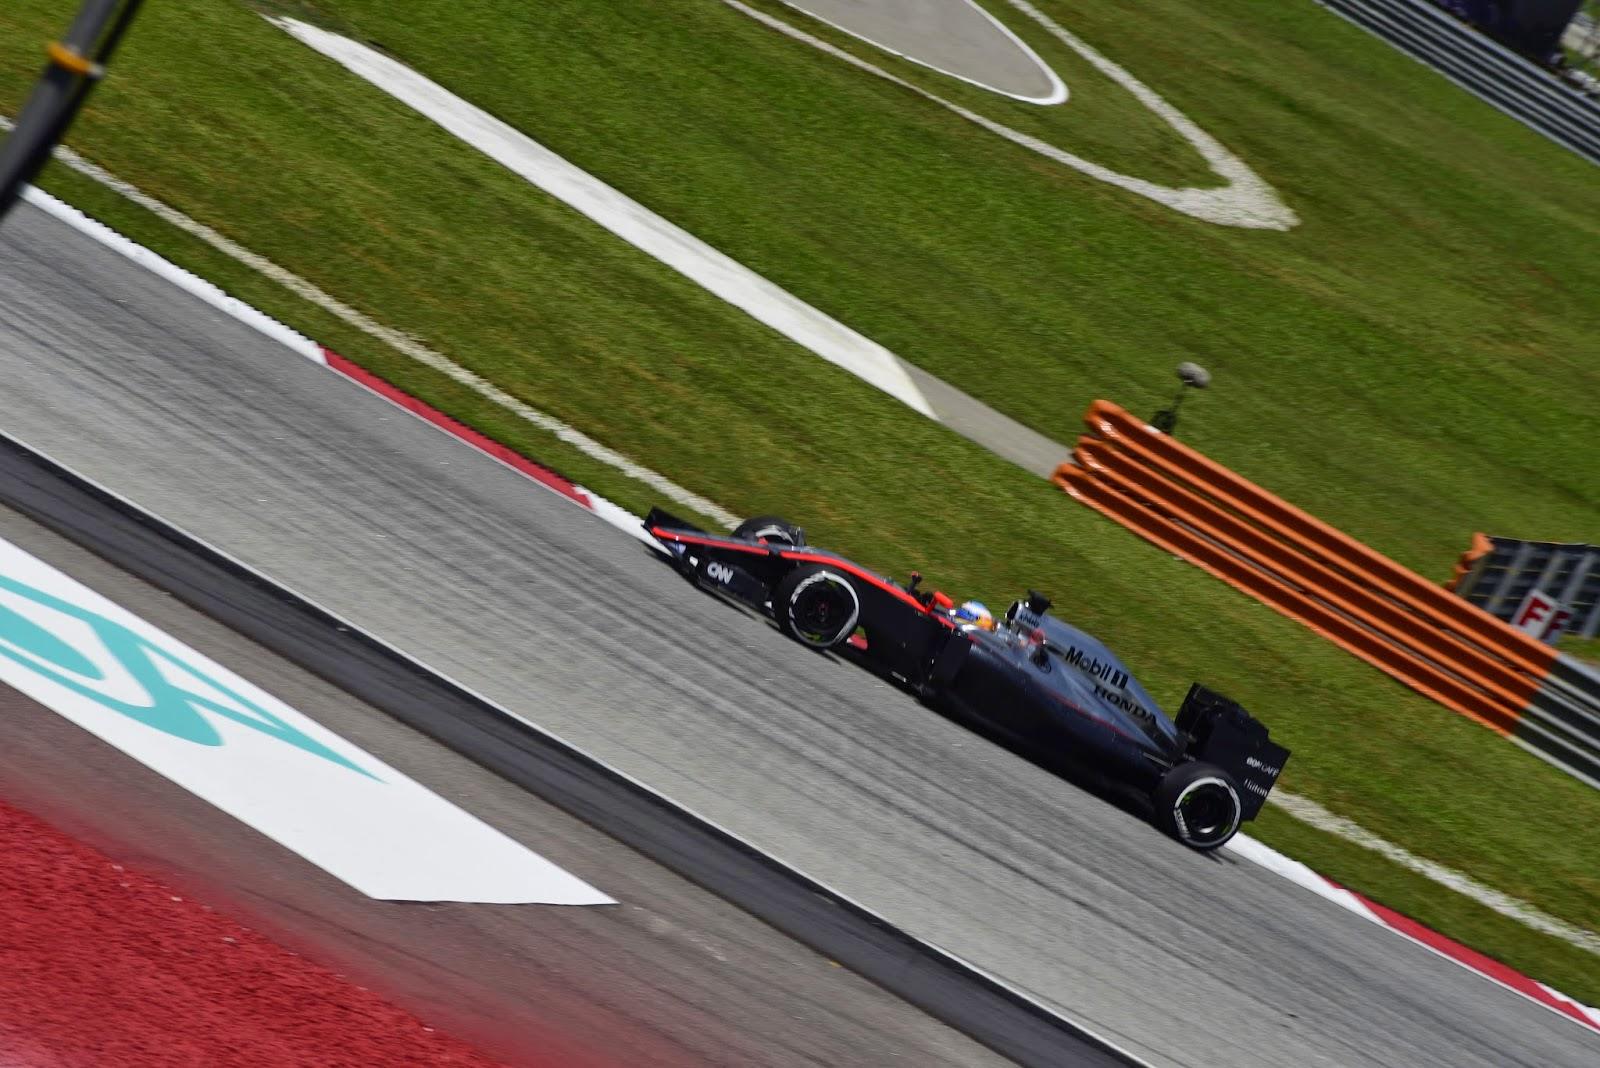 Alonso at Sepang 2015